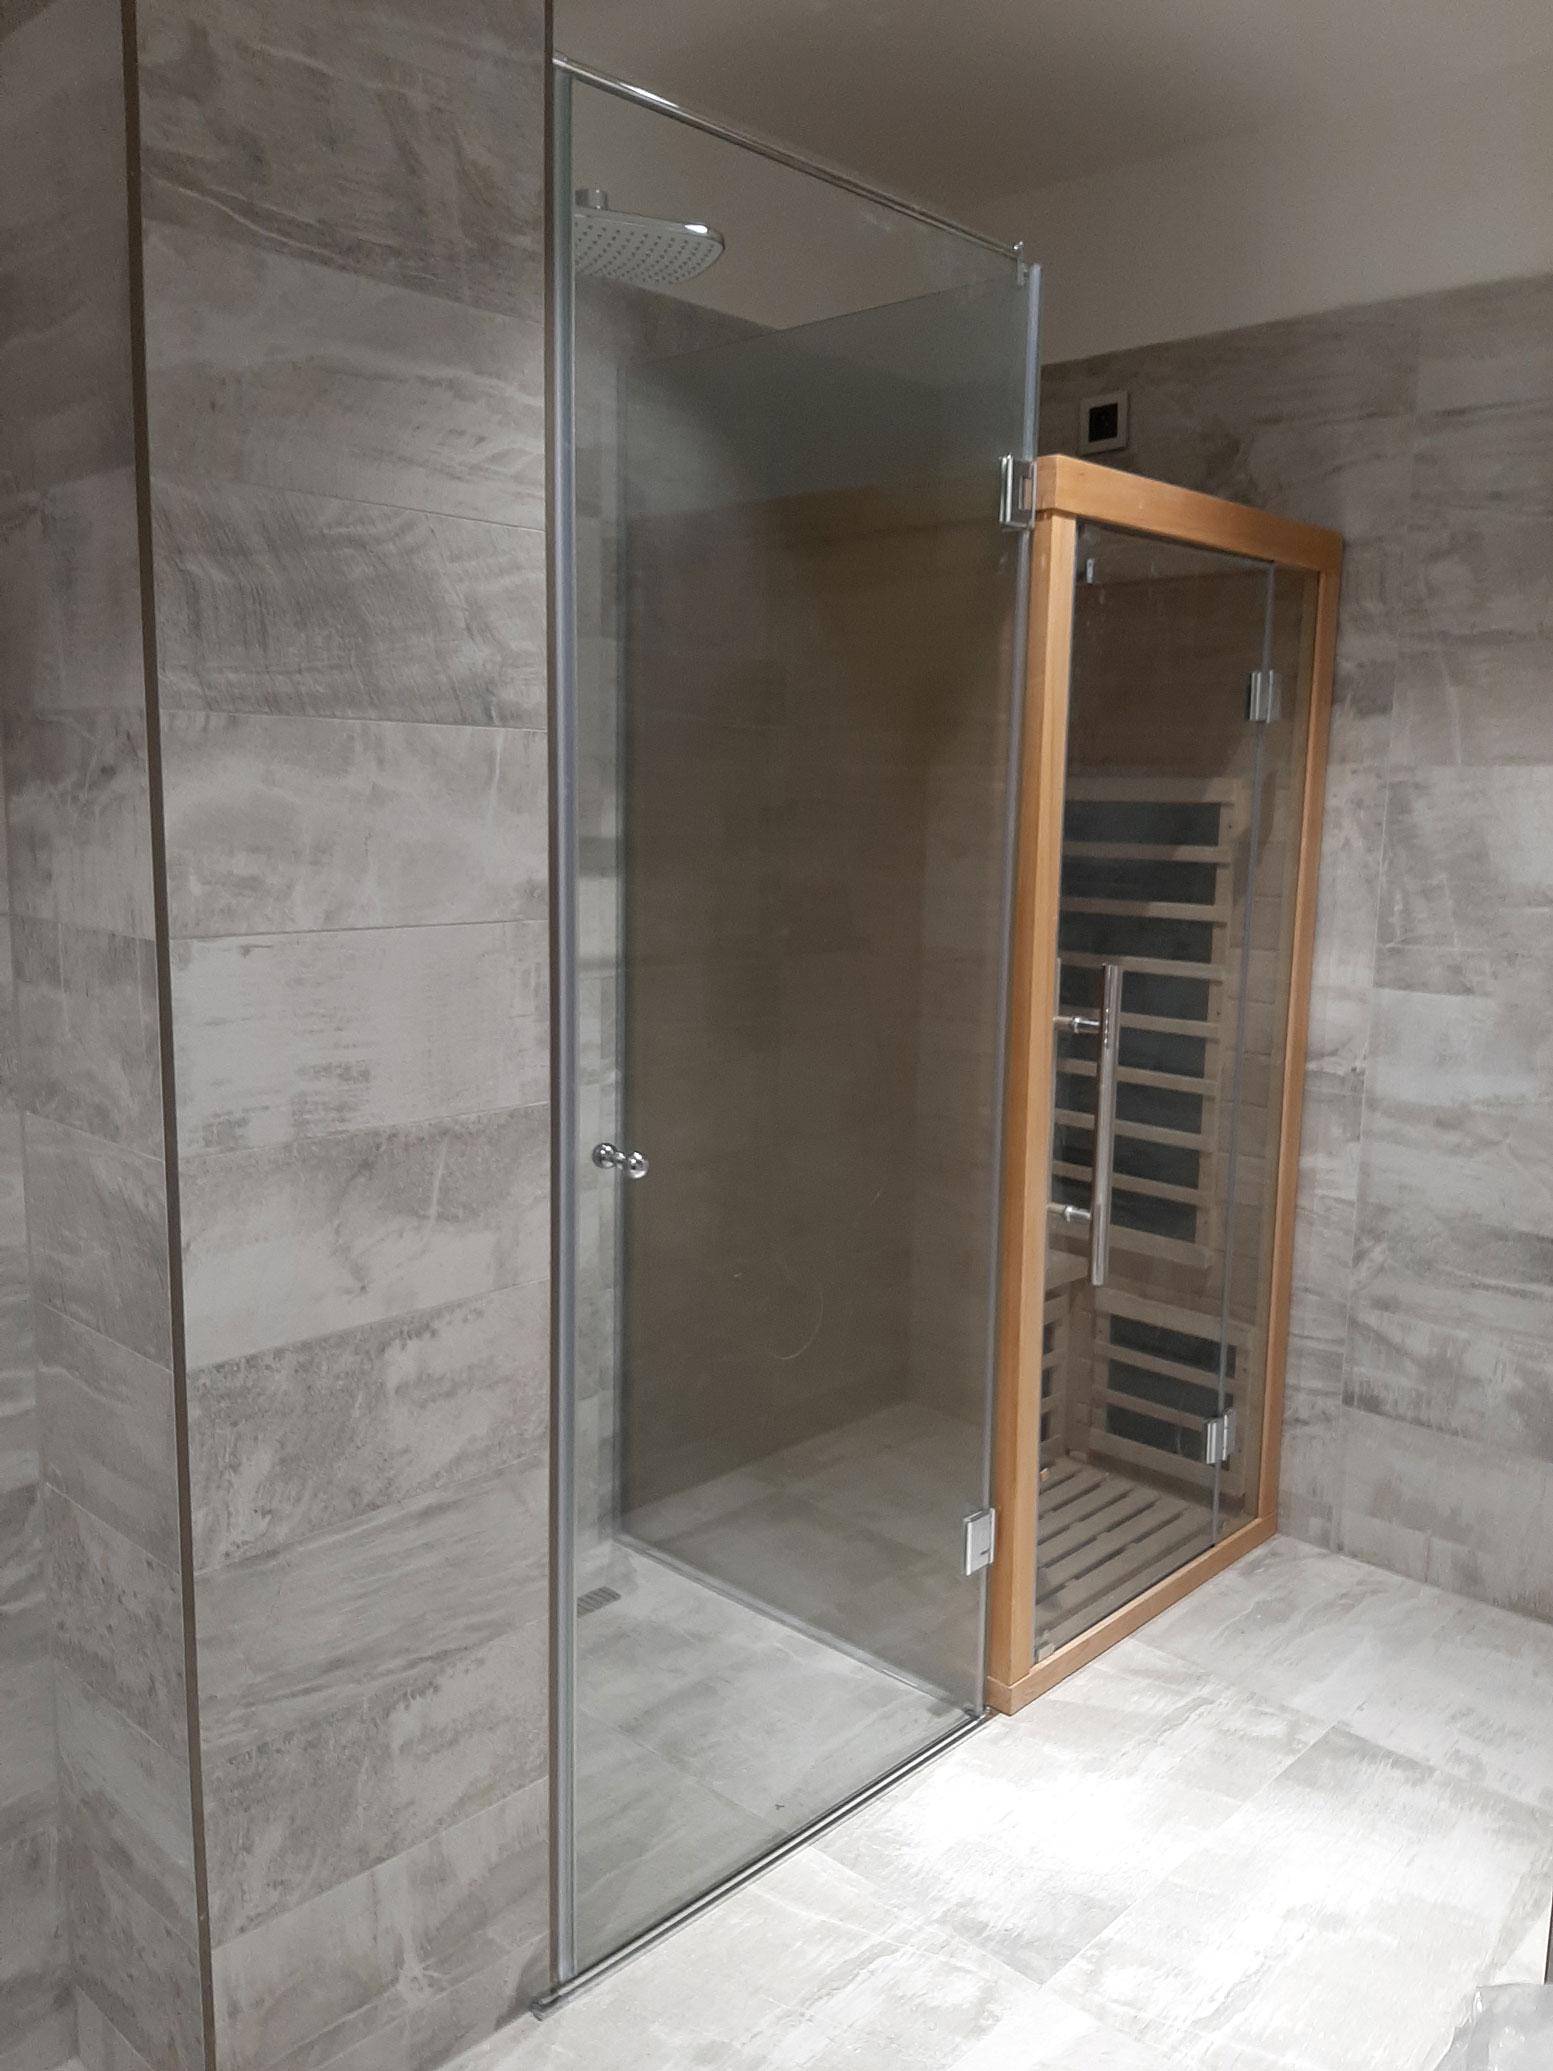 Sklenarstvi-Prerost-sprchove- kouty-a-sprchy (5)